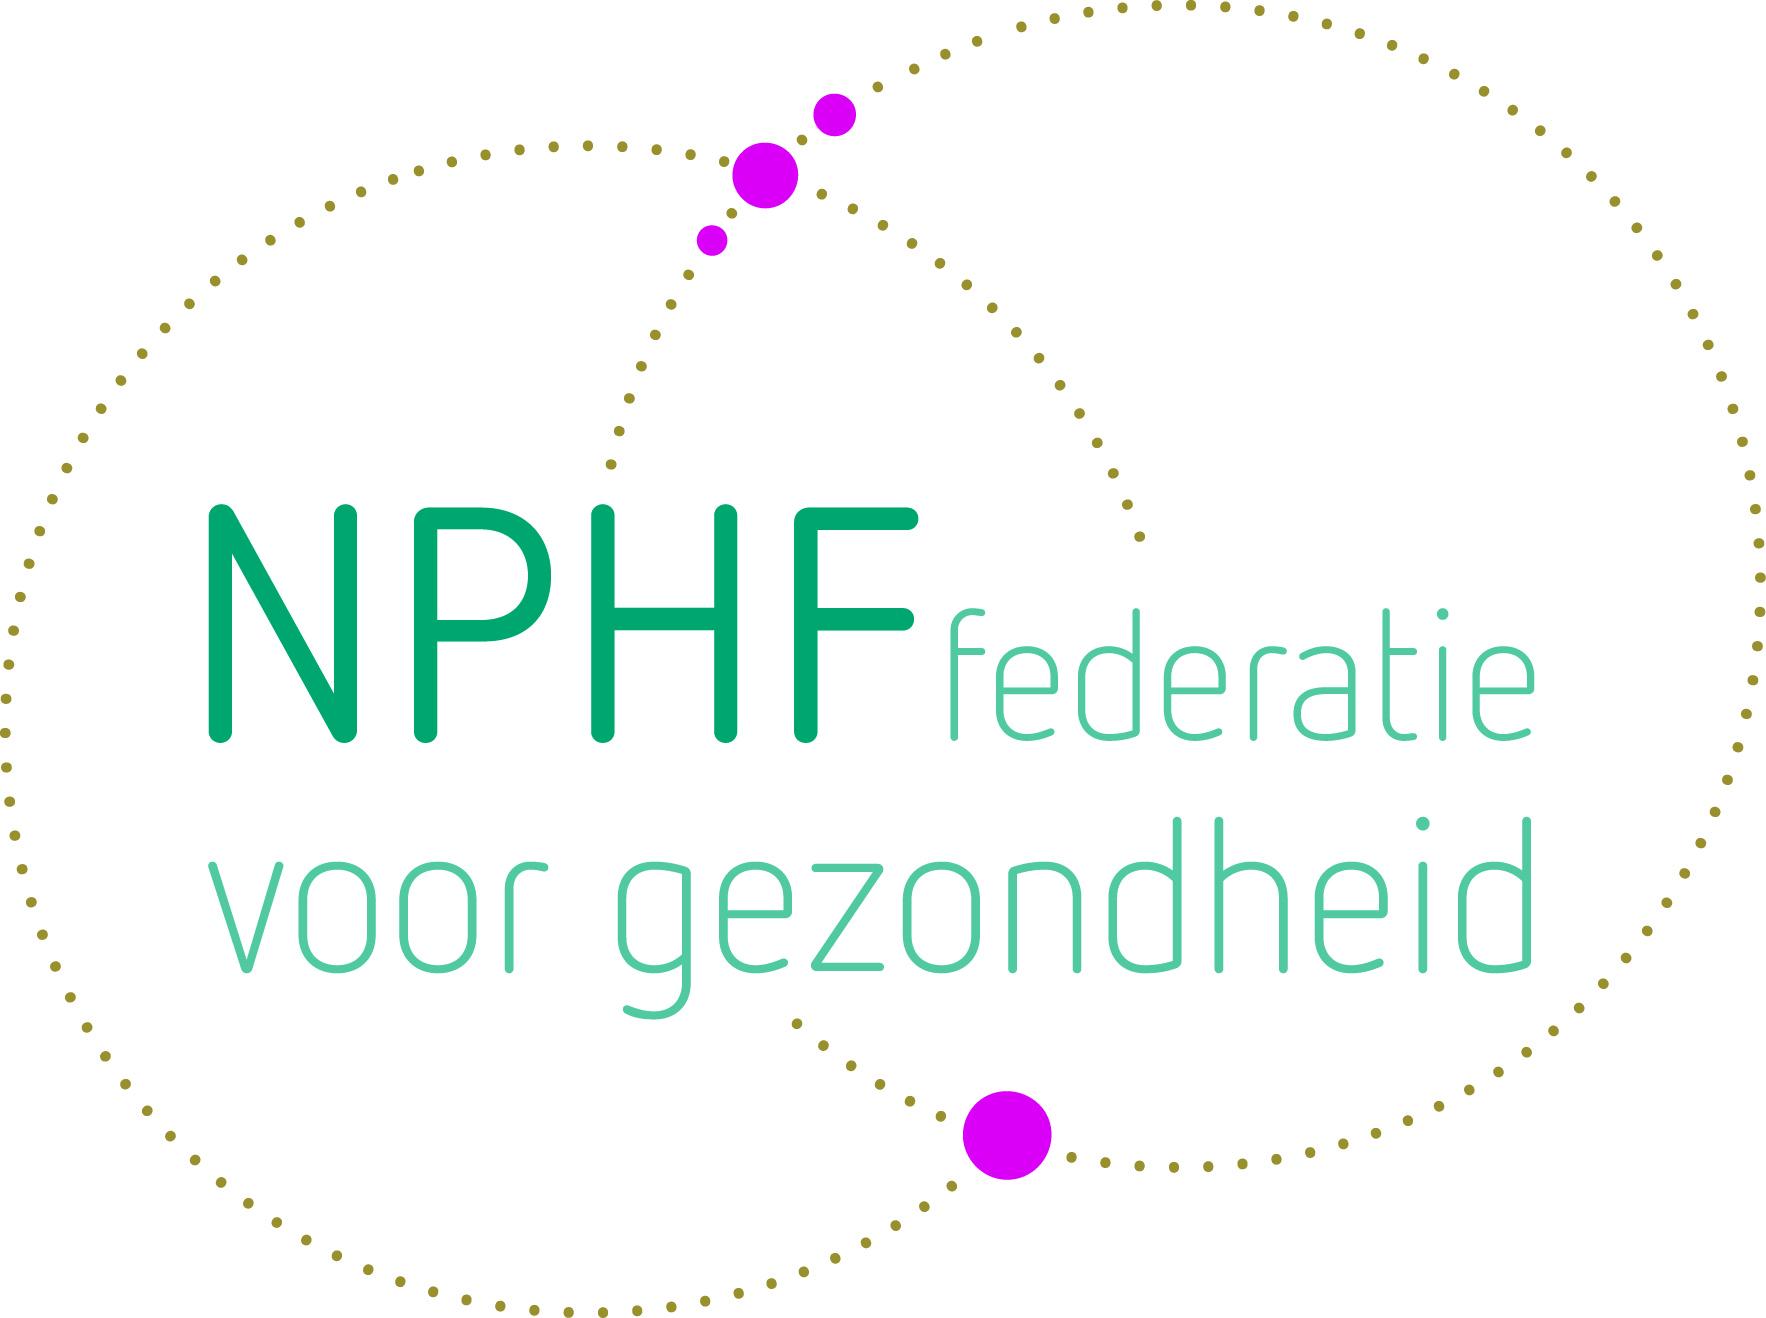 NPHF.jpg